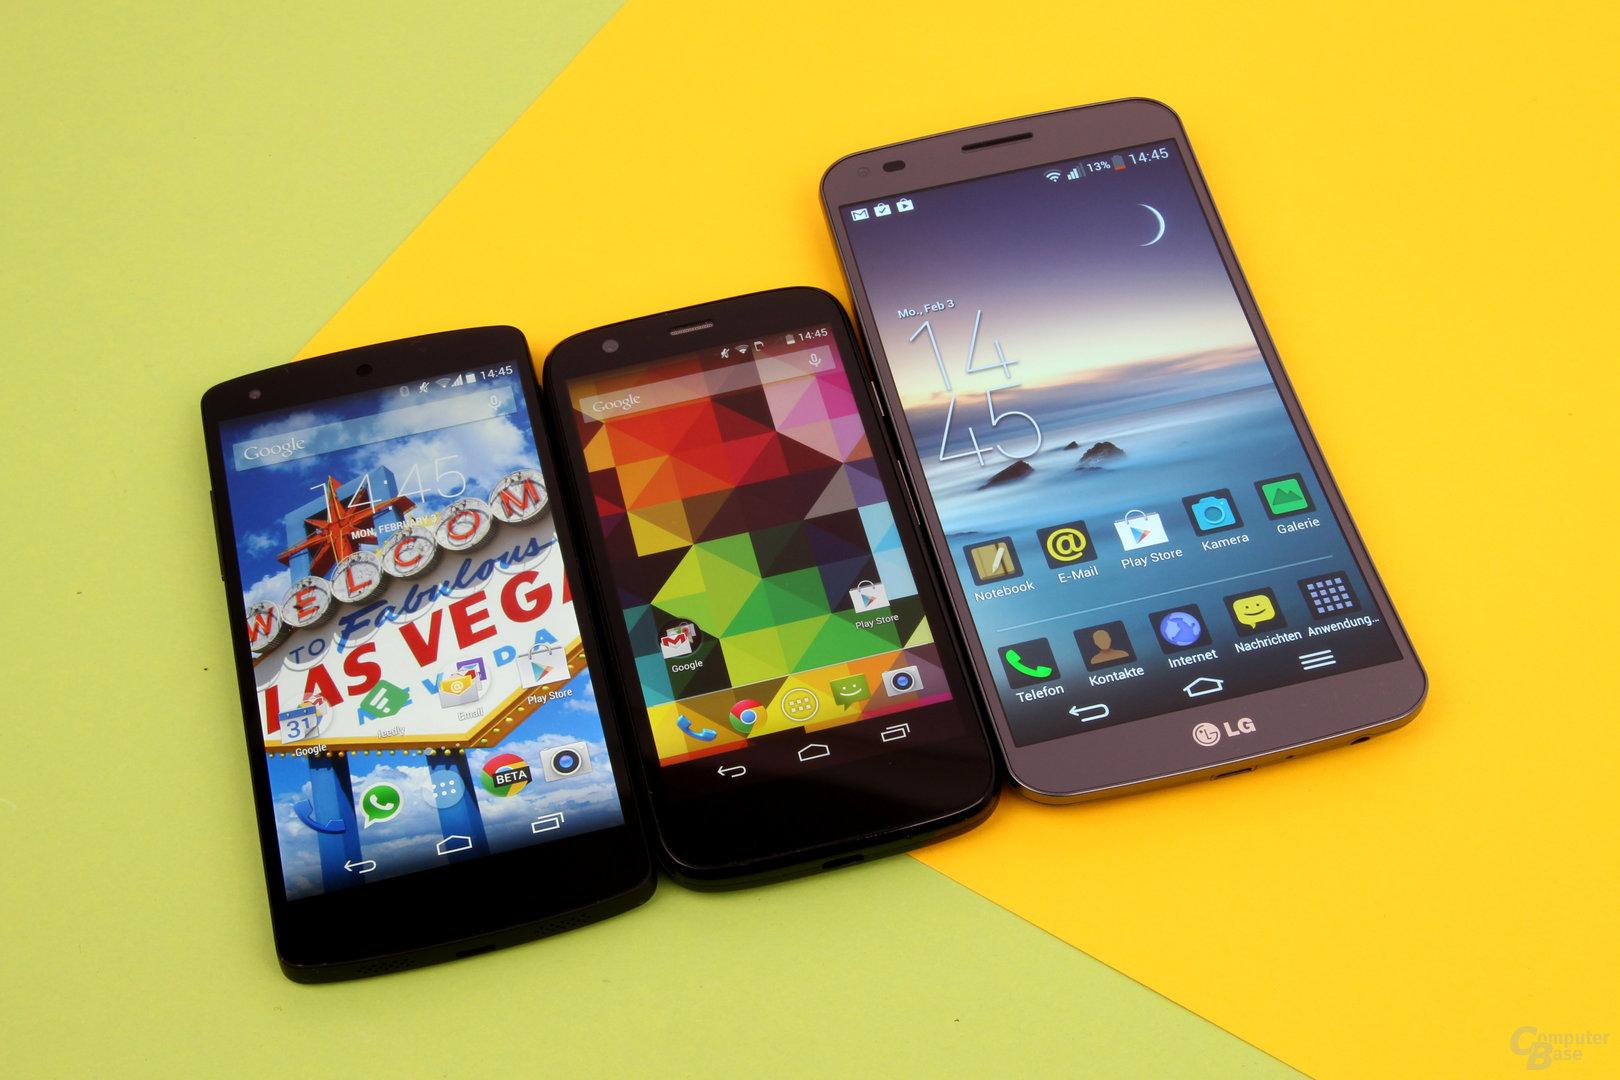 Größenvergleich: Google Nexus 5, Motorola Moto G, LG G Flex